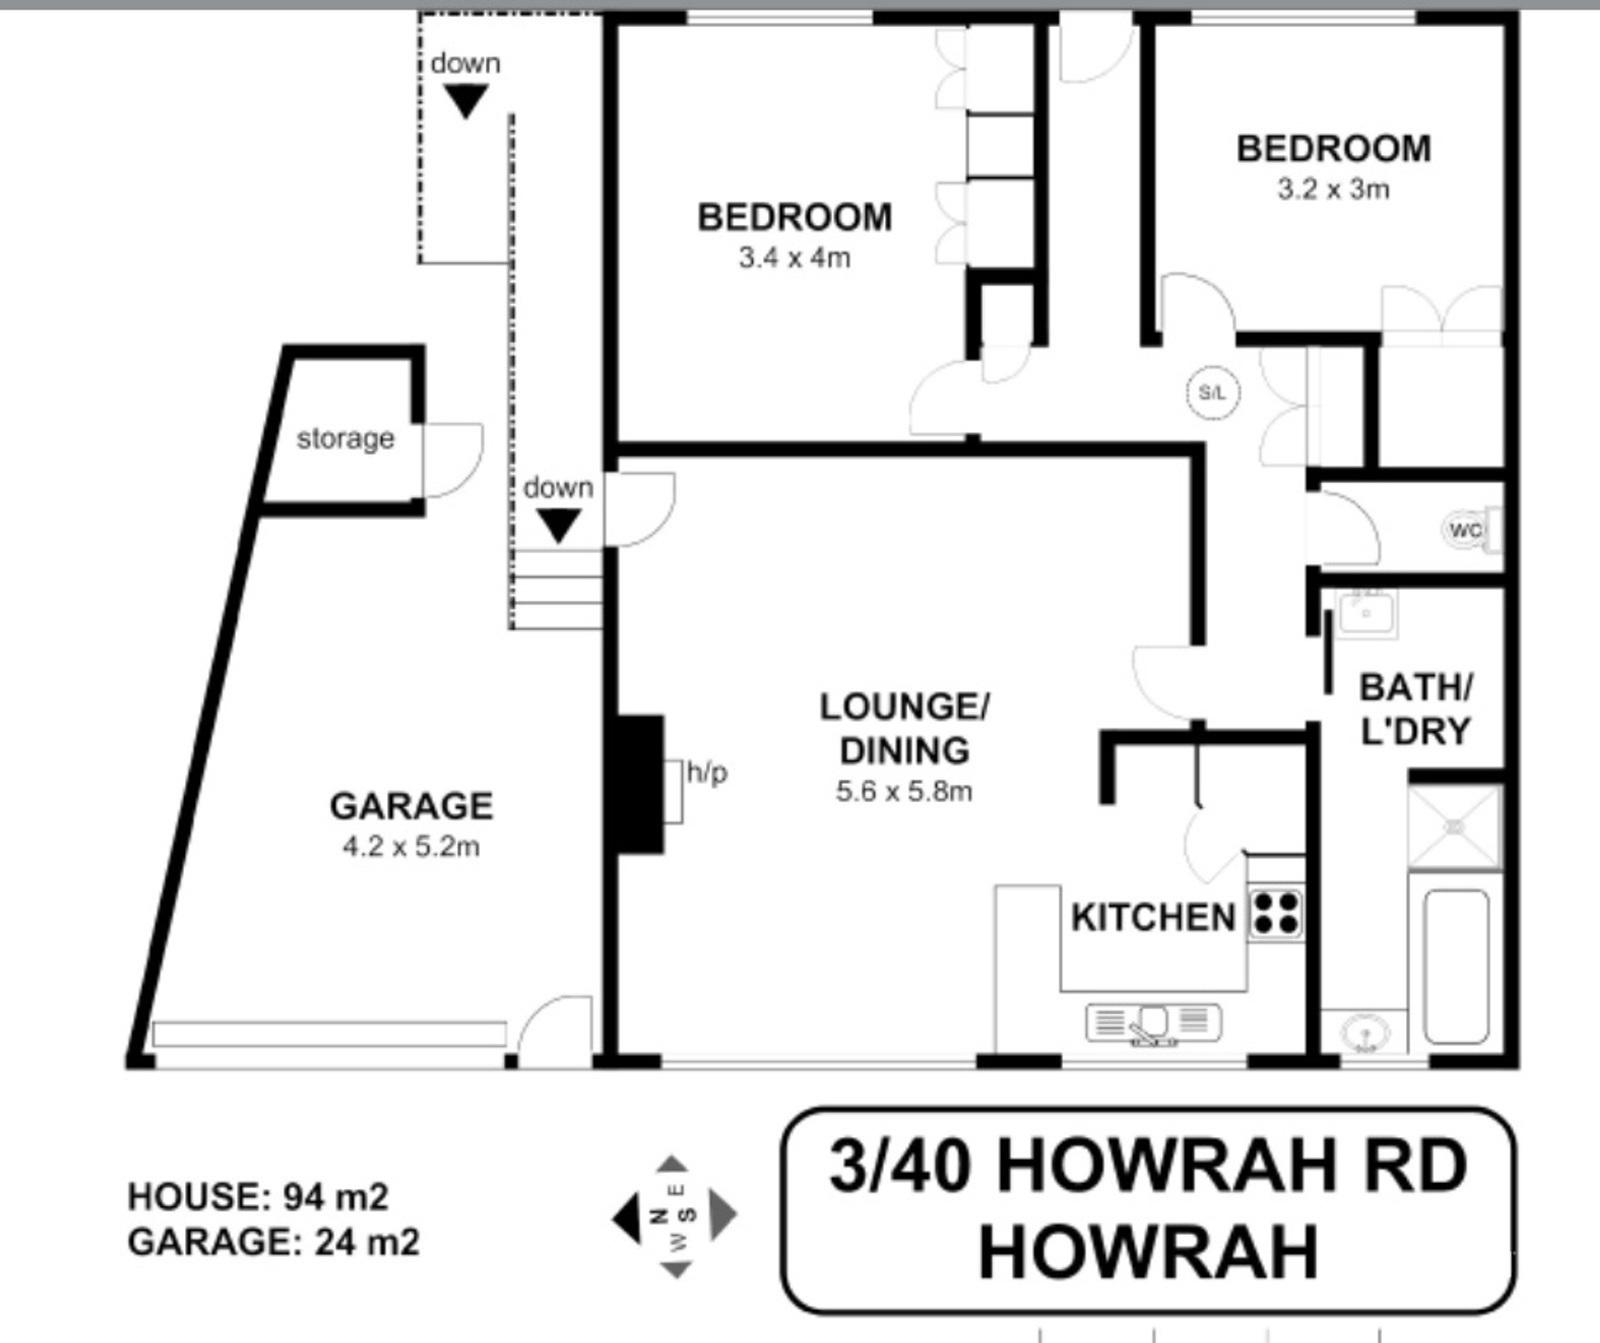 3/40 Howrah Road